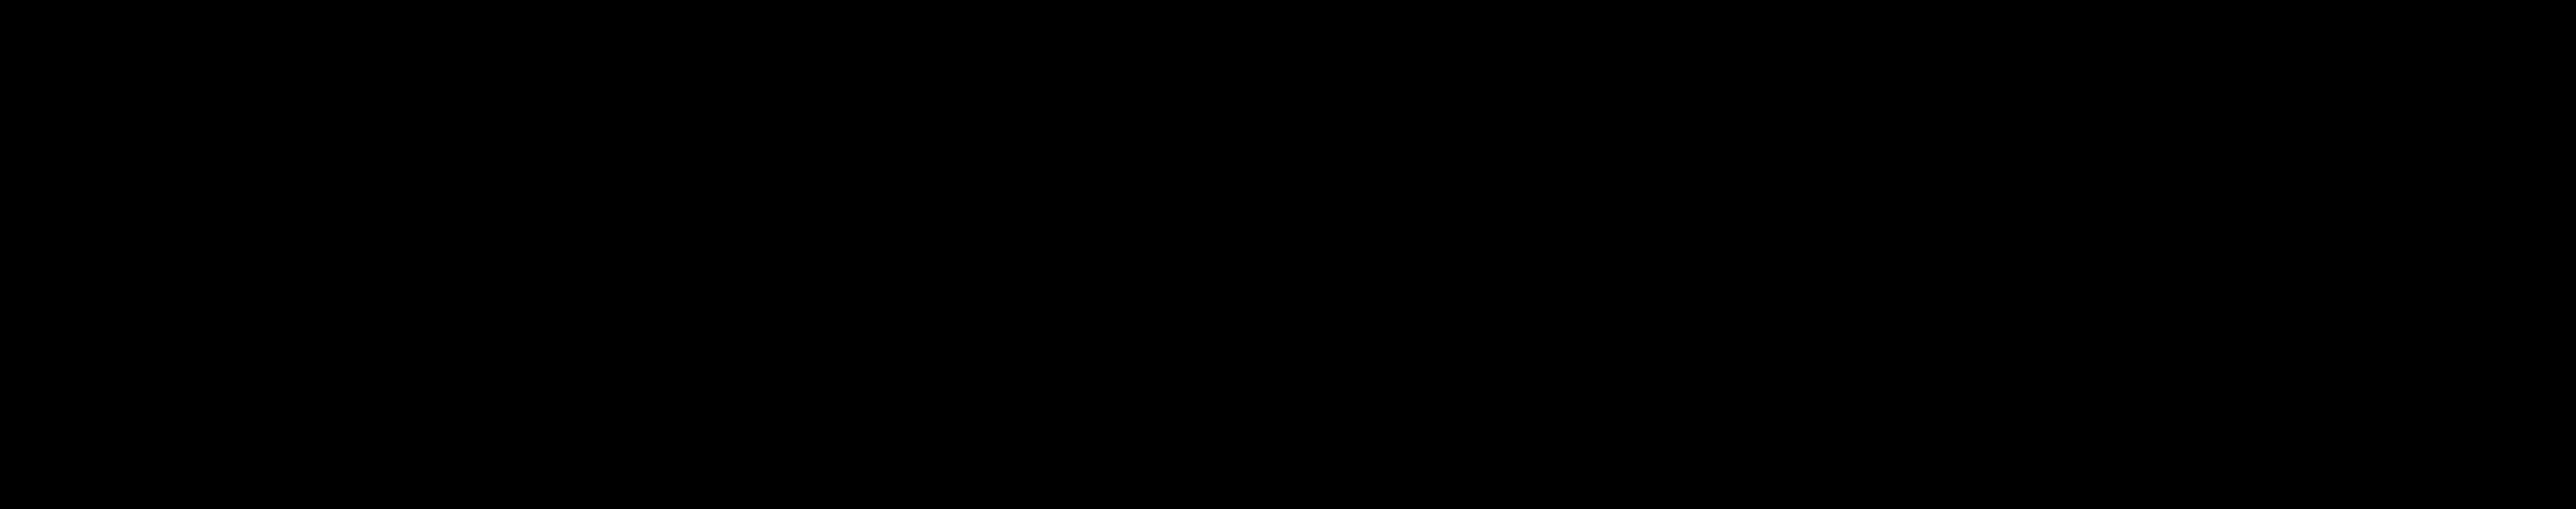 Lycopene, Technical grade